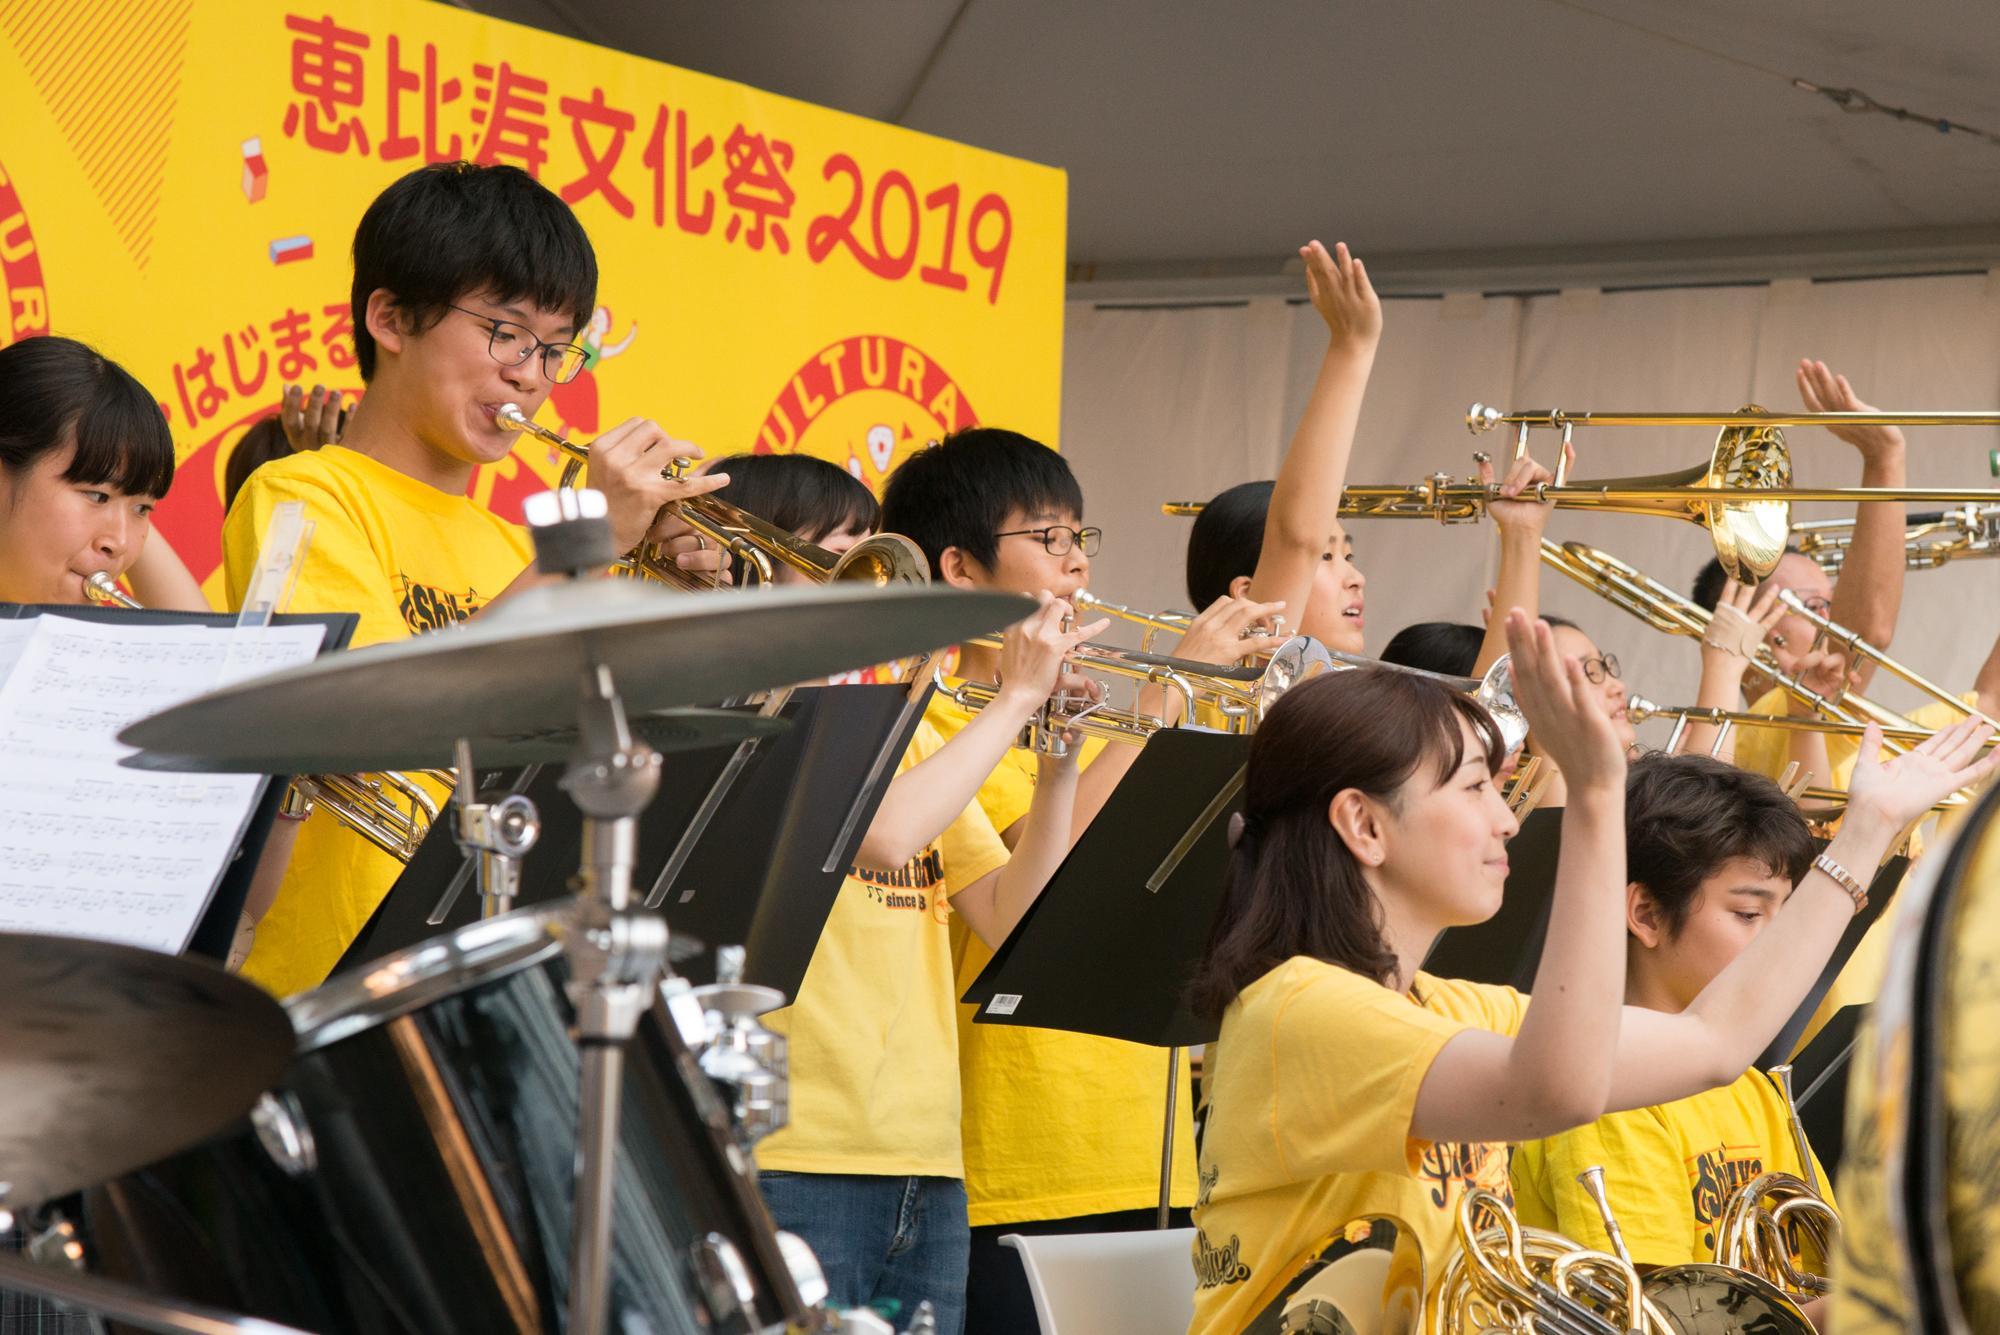 まちの吹奏楽団による午後の演奏会